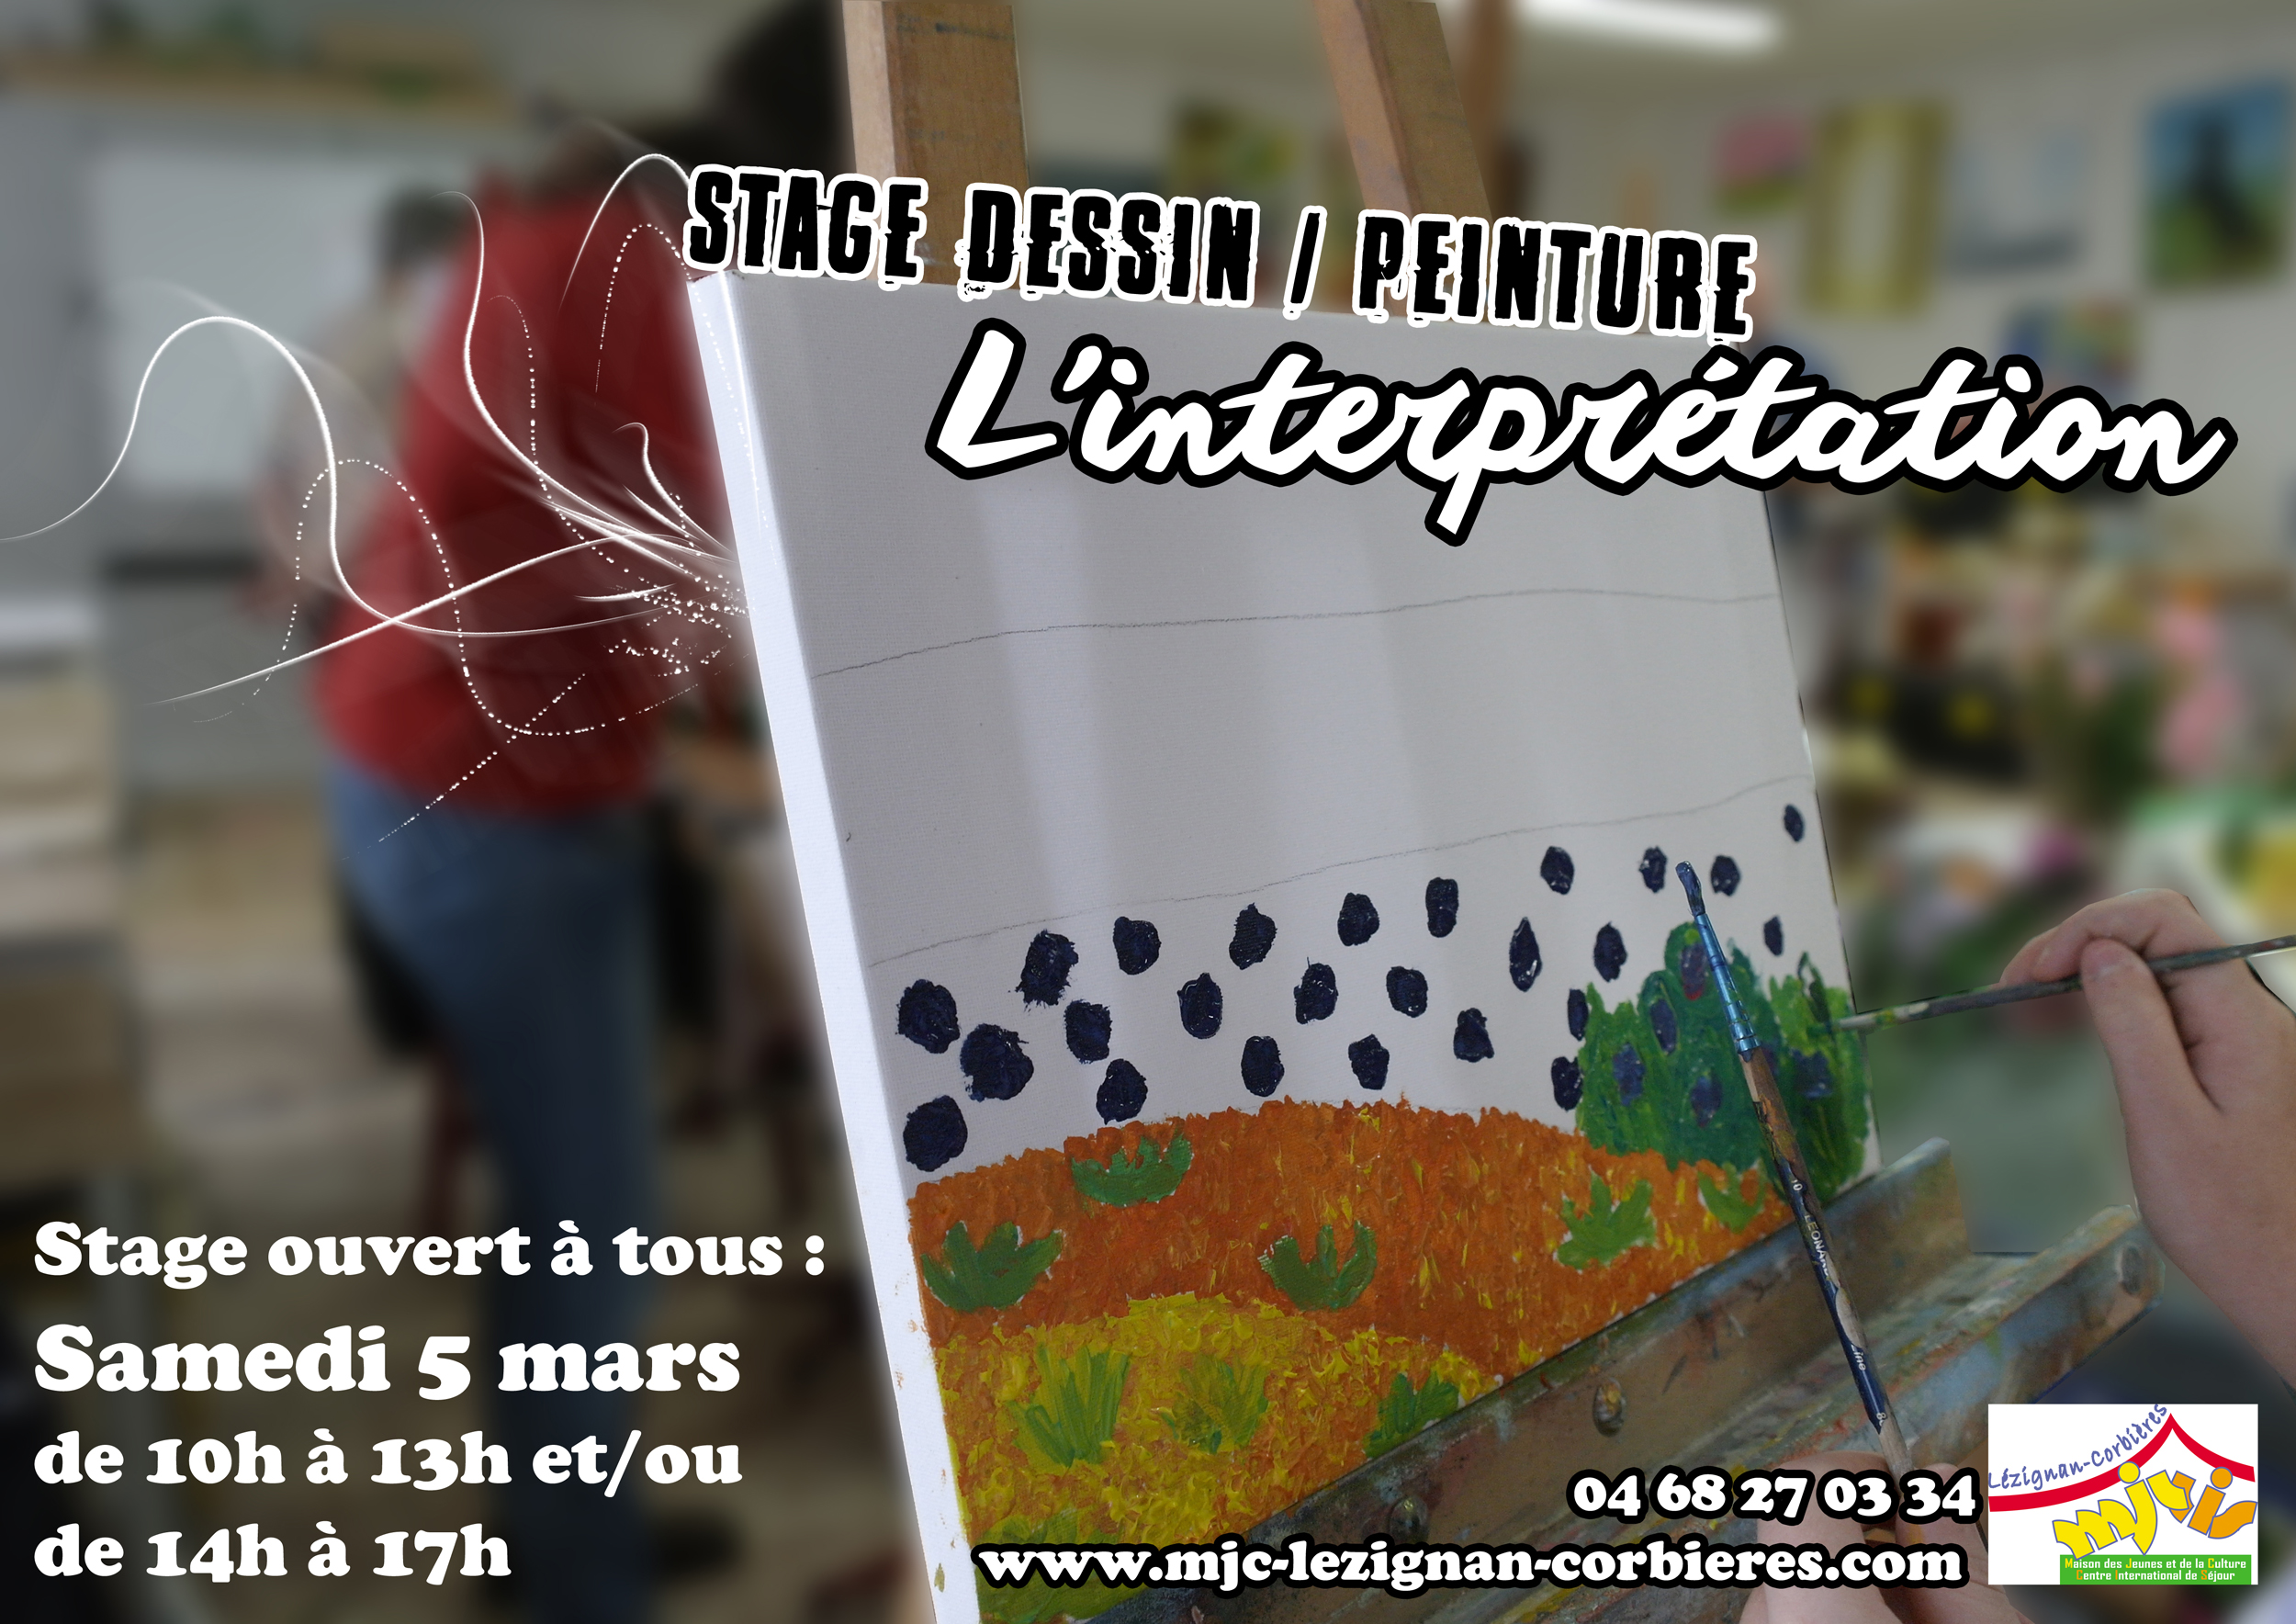 Samedi 2 avril 2016 dessin peinture initiation et conseils l interprétation